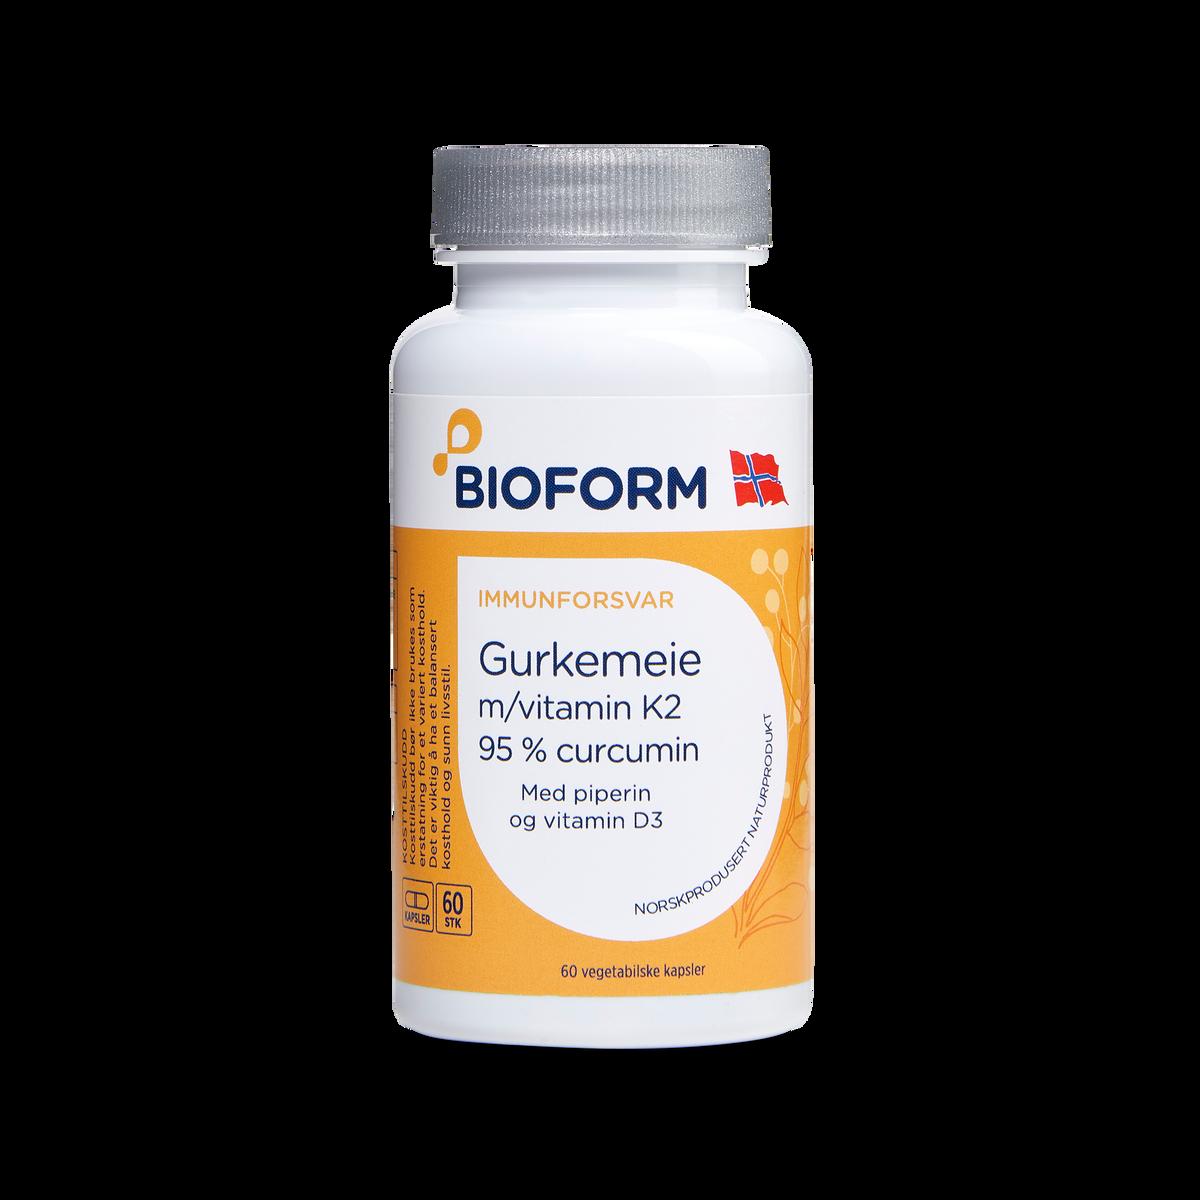 3for2 Gurkemeie m/vitamin K2 og D3